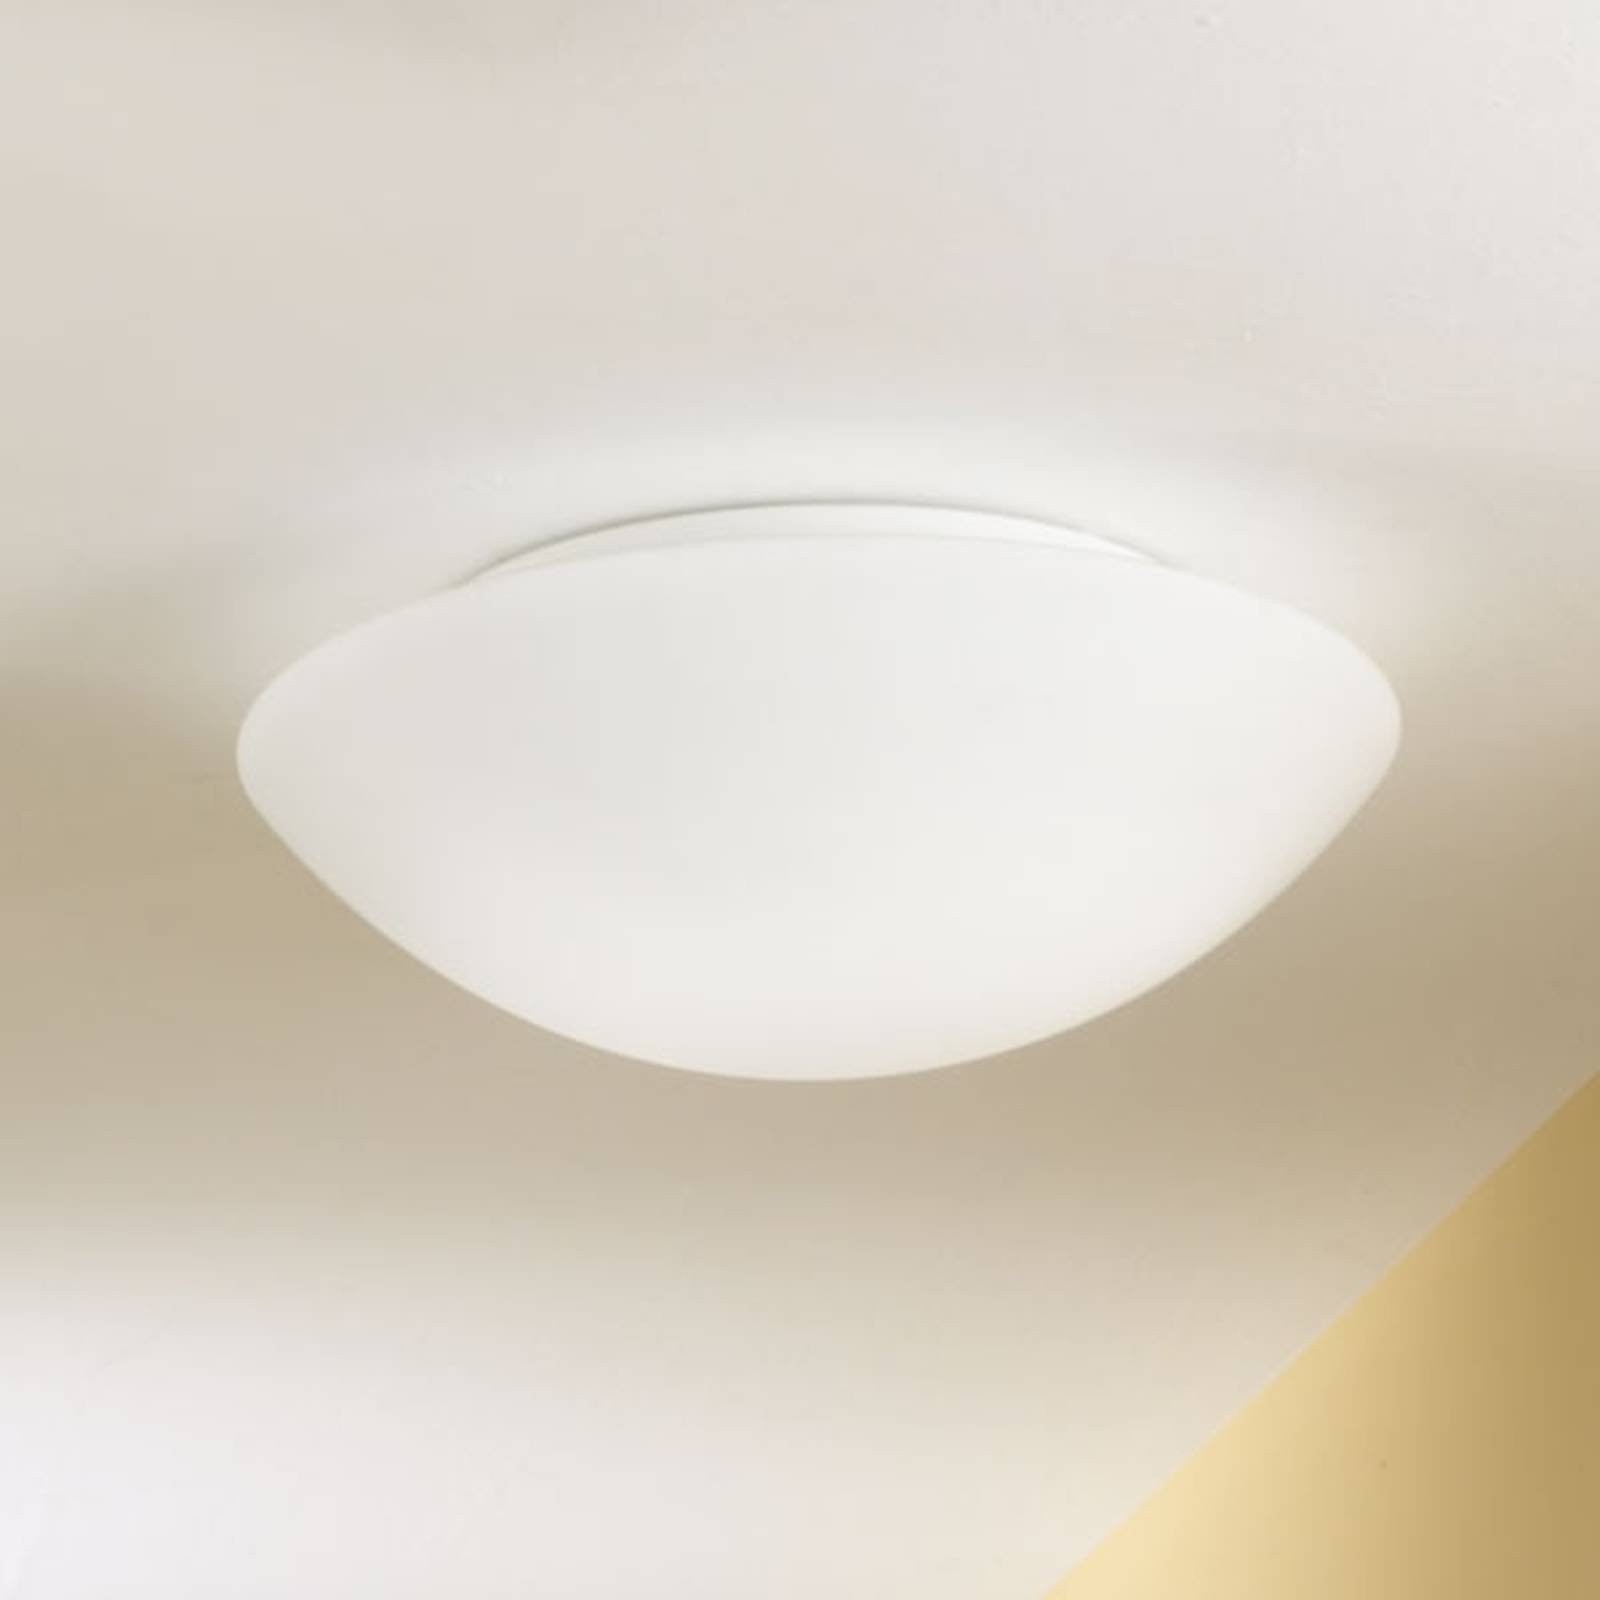 PANDORA taklampe eller vegglampe 25 cm